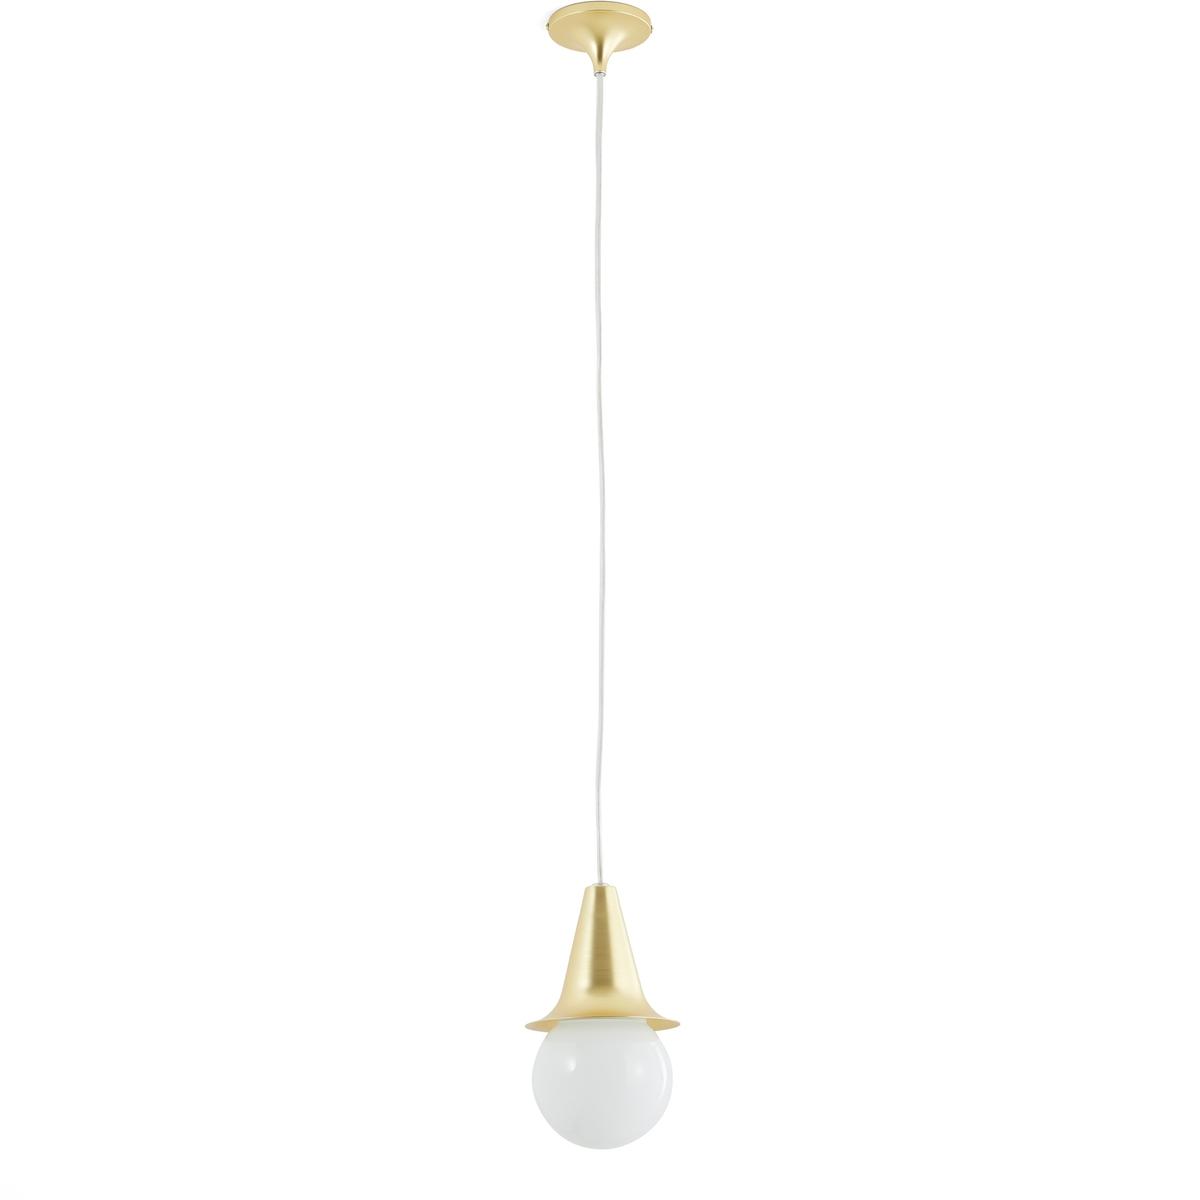 Люстра, Estampille фонарь портативный минилампа фиолетовая электрический со светодиодной лампой